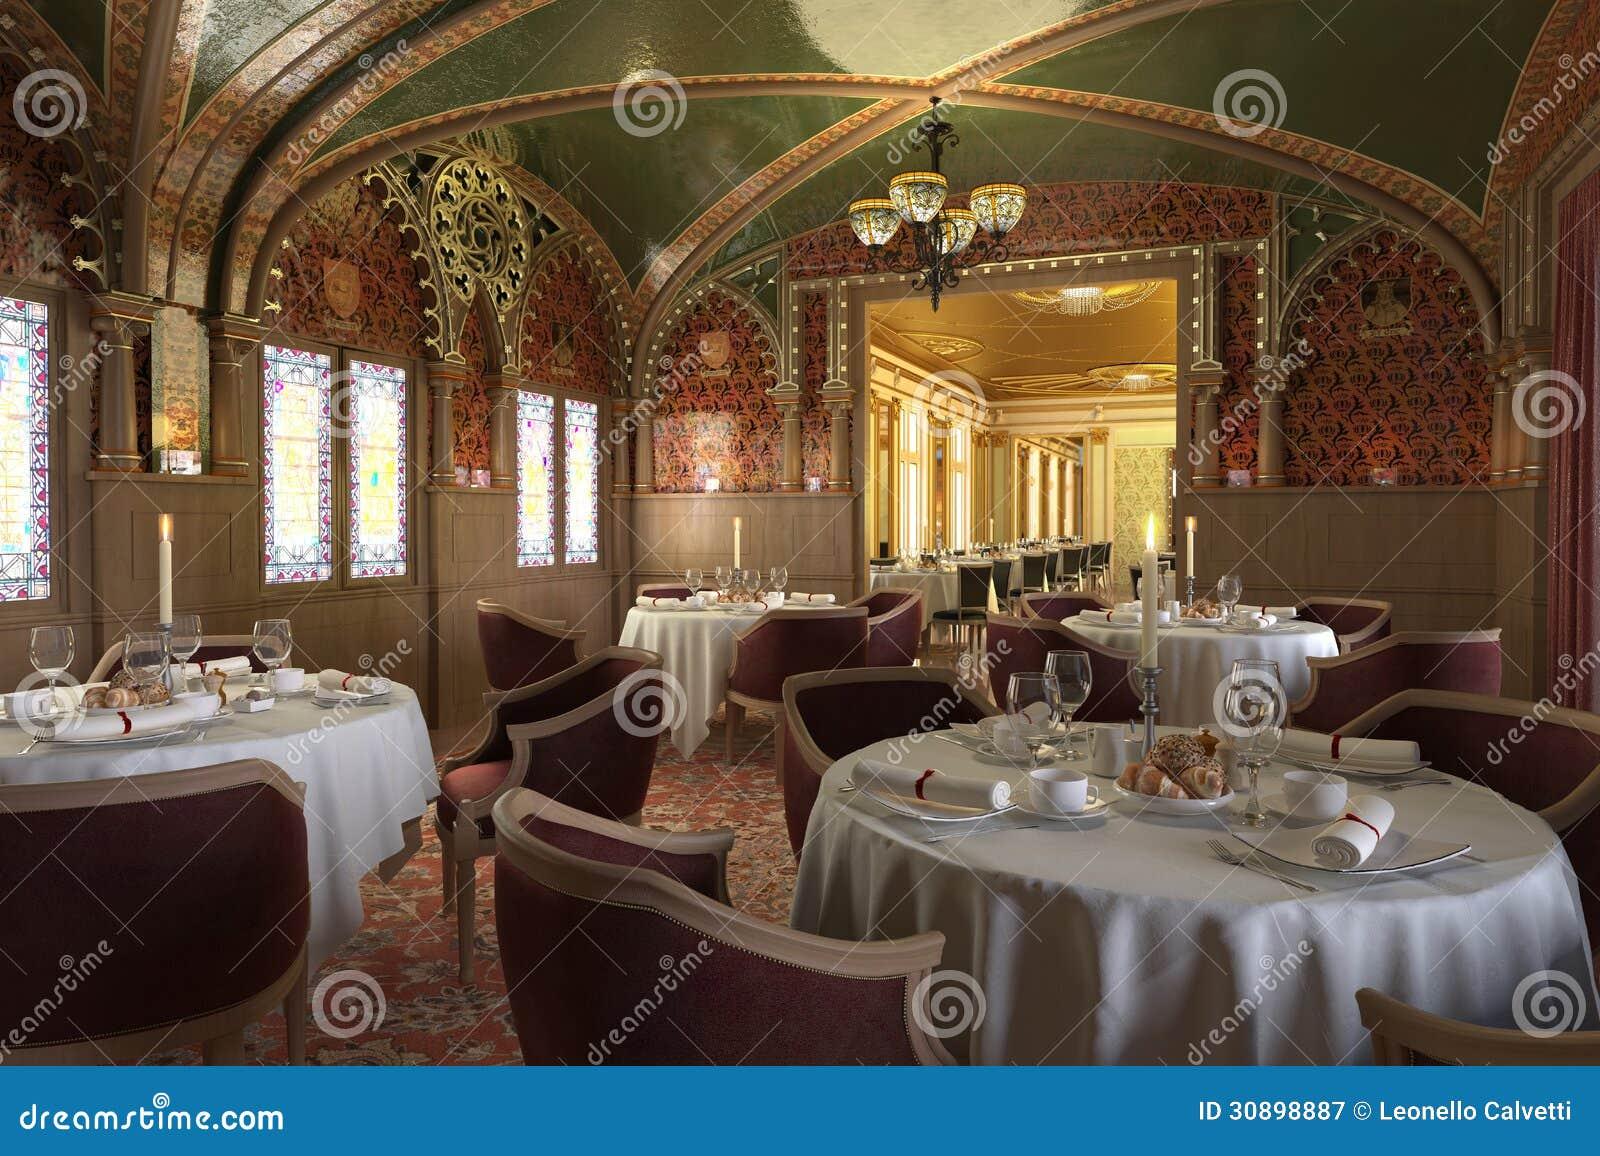 Oud antiek restaurantbinnenland met decoratie royalty vrije stock fotografie beeld 30898887 - Restaurant decoratie ...